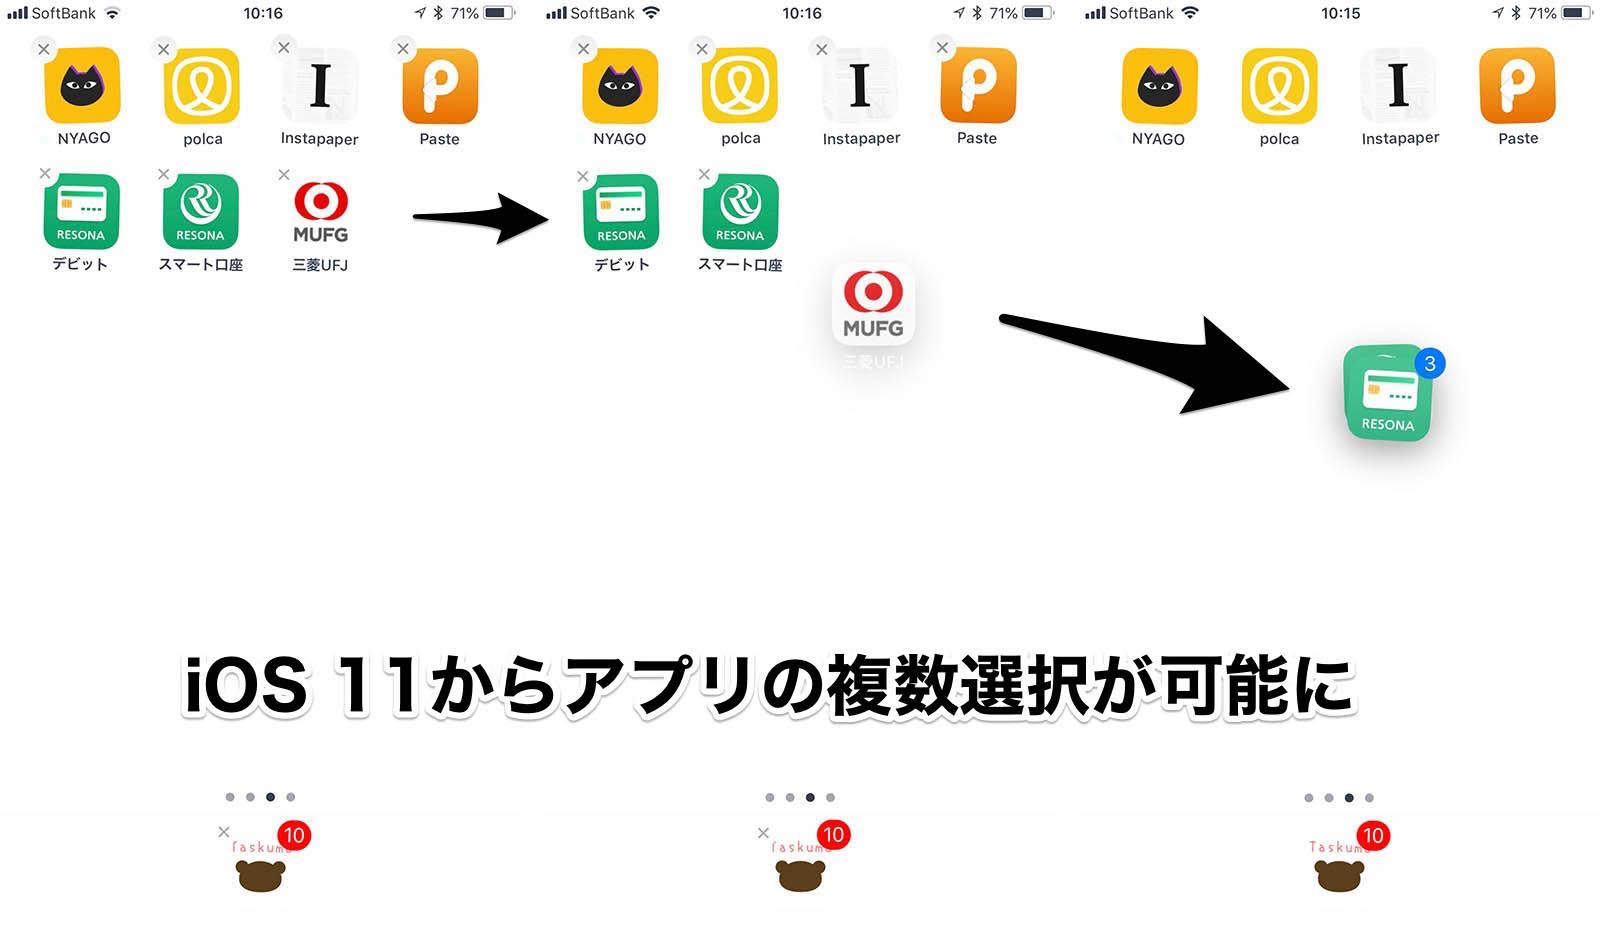 iOS 11からアプリの複数選択が可能に